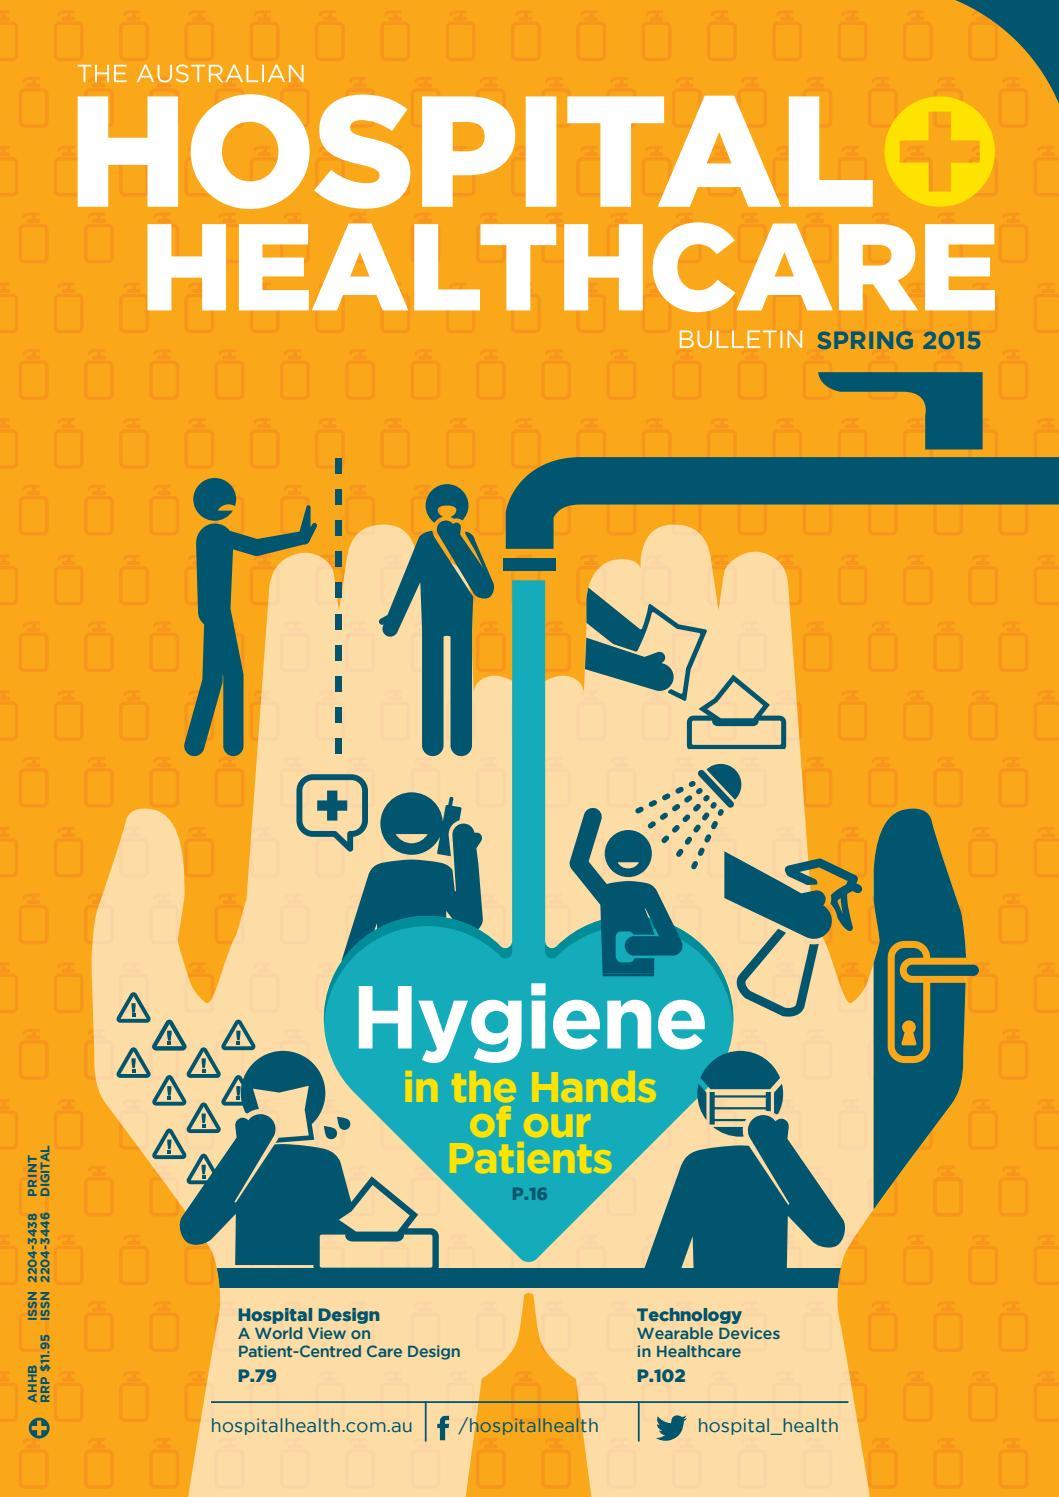 2da1dfd4238 The Australian Hospital + Healthcare Bulletin Spring 2015 by ...